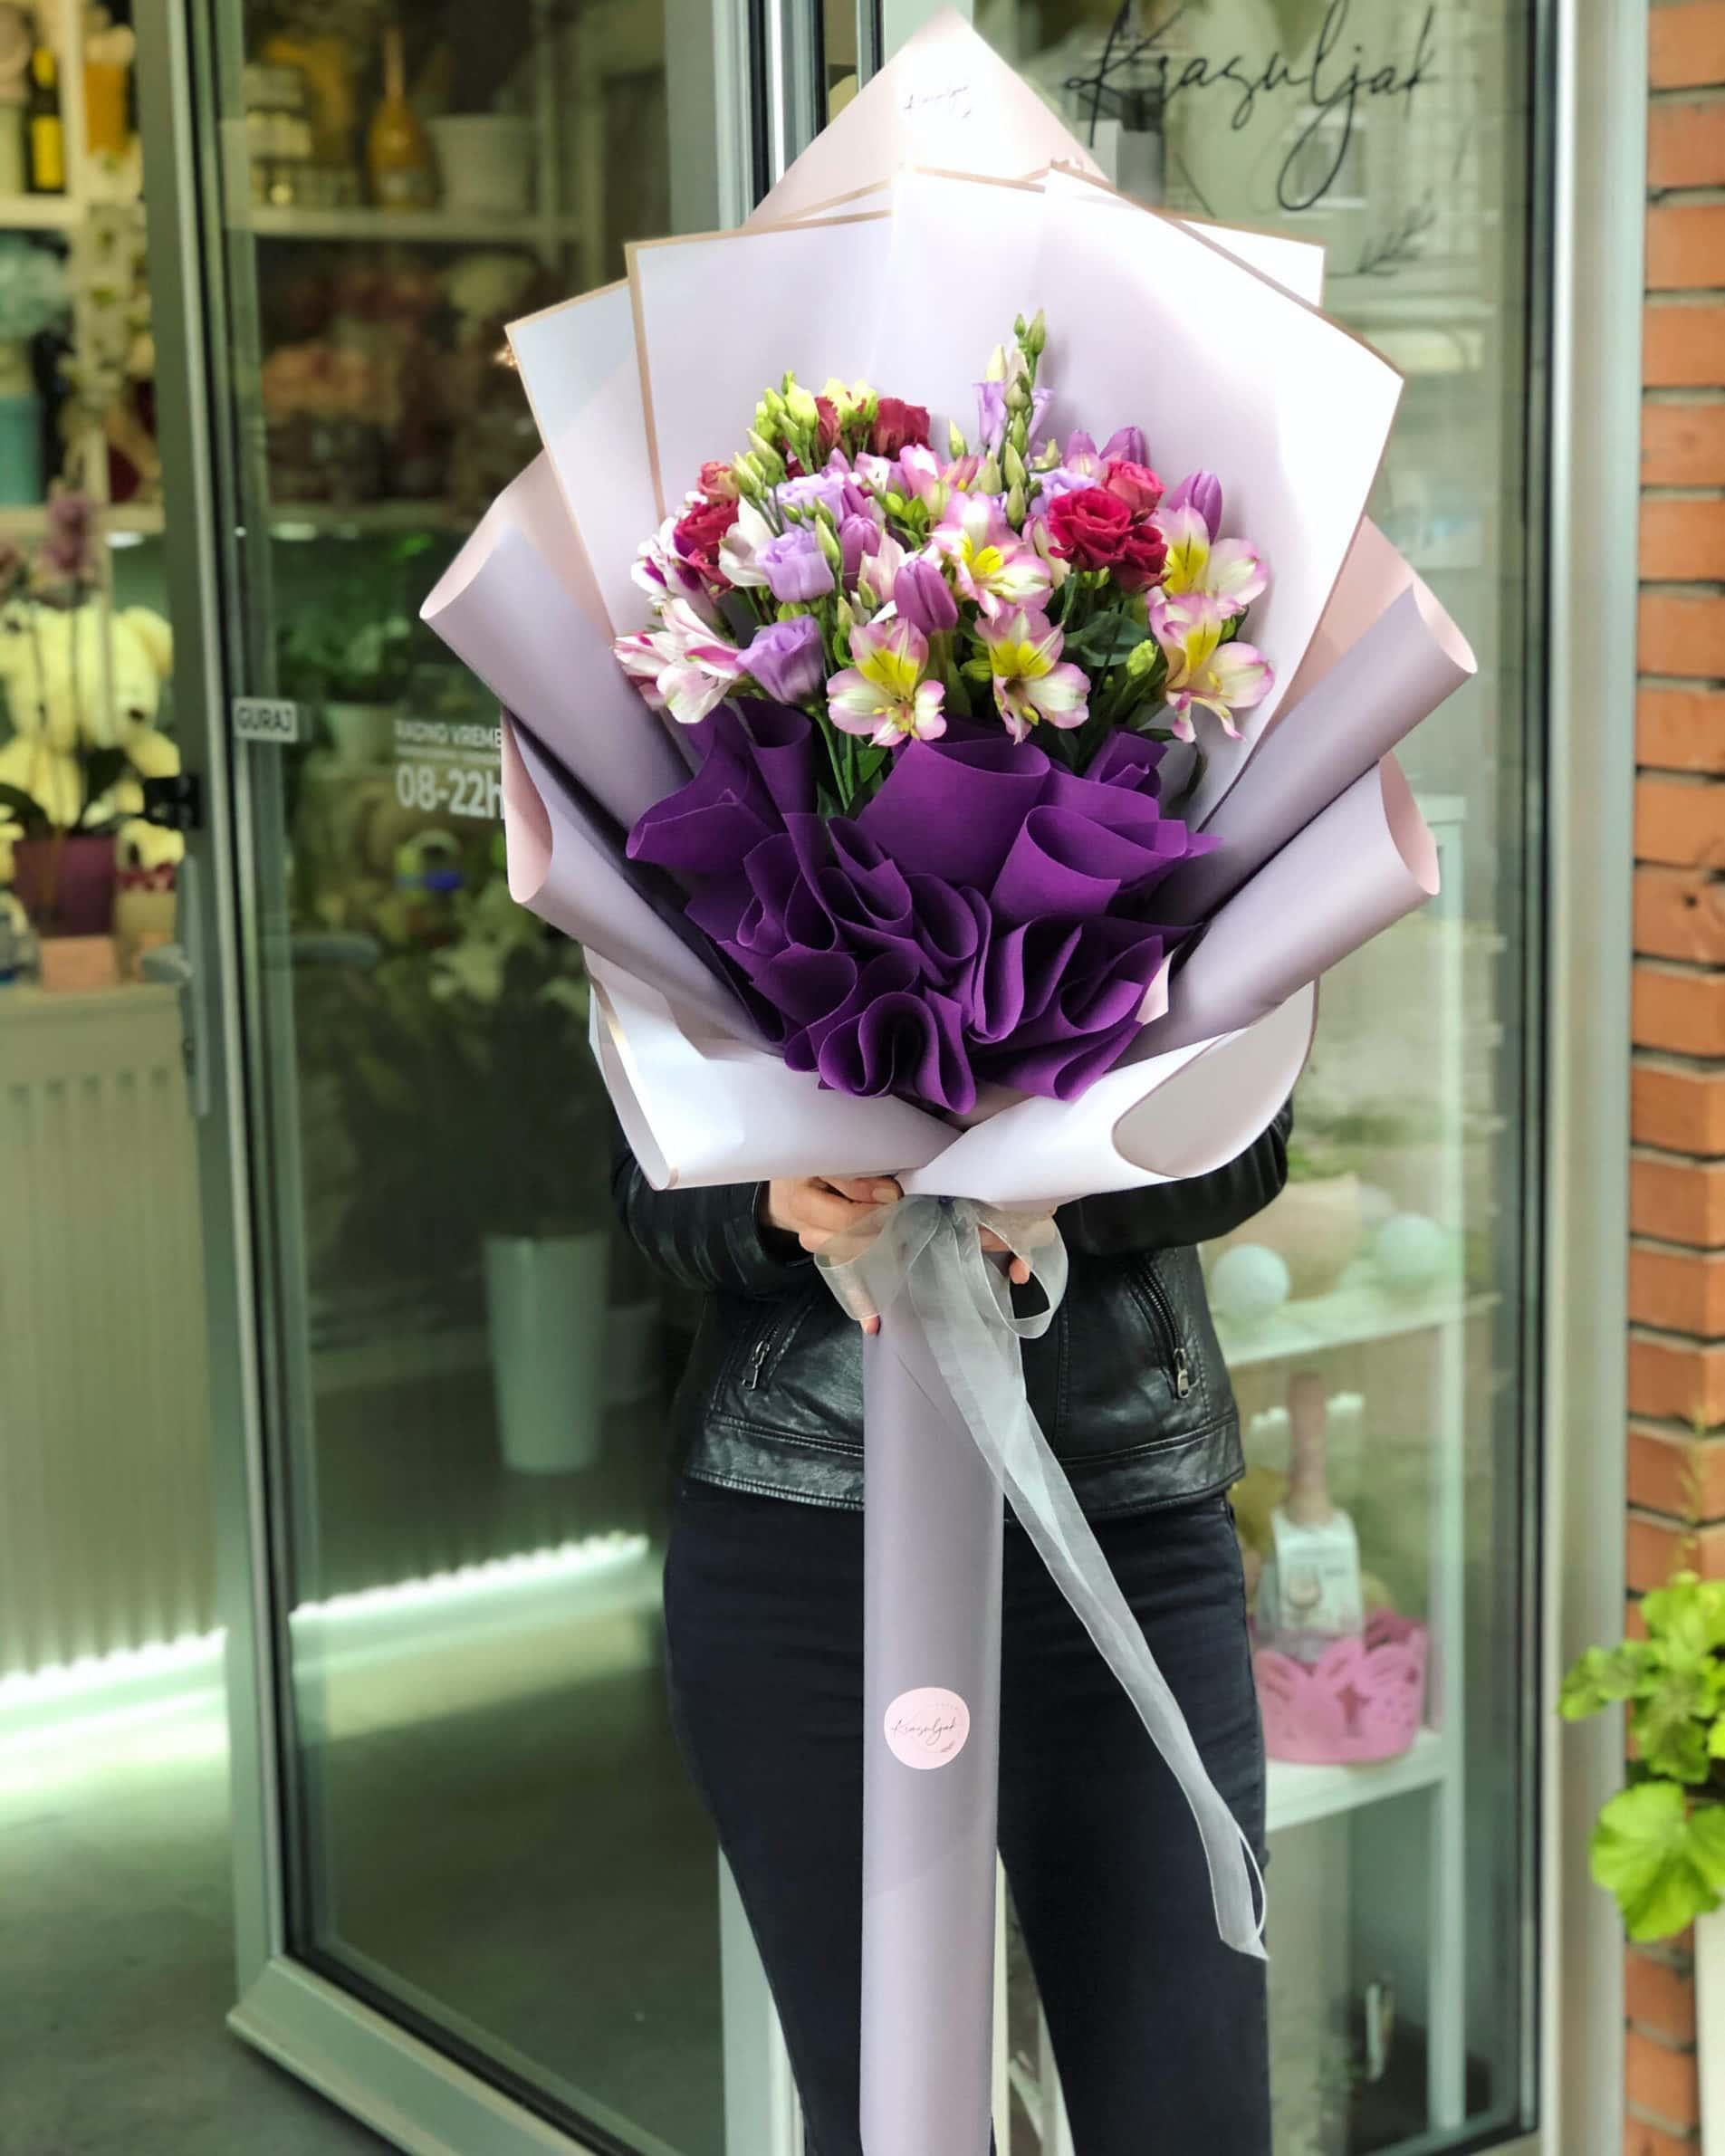 Cveće - šareno cveće u papiru sive i roze boje